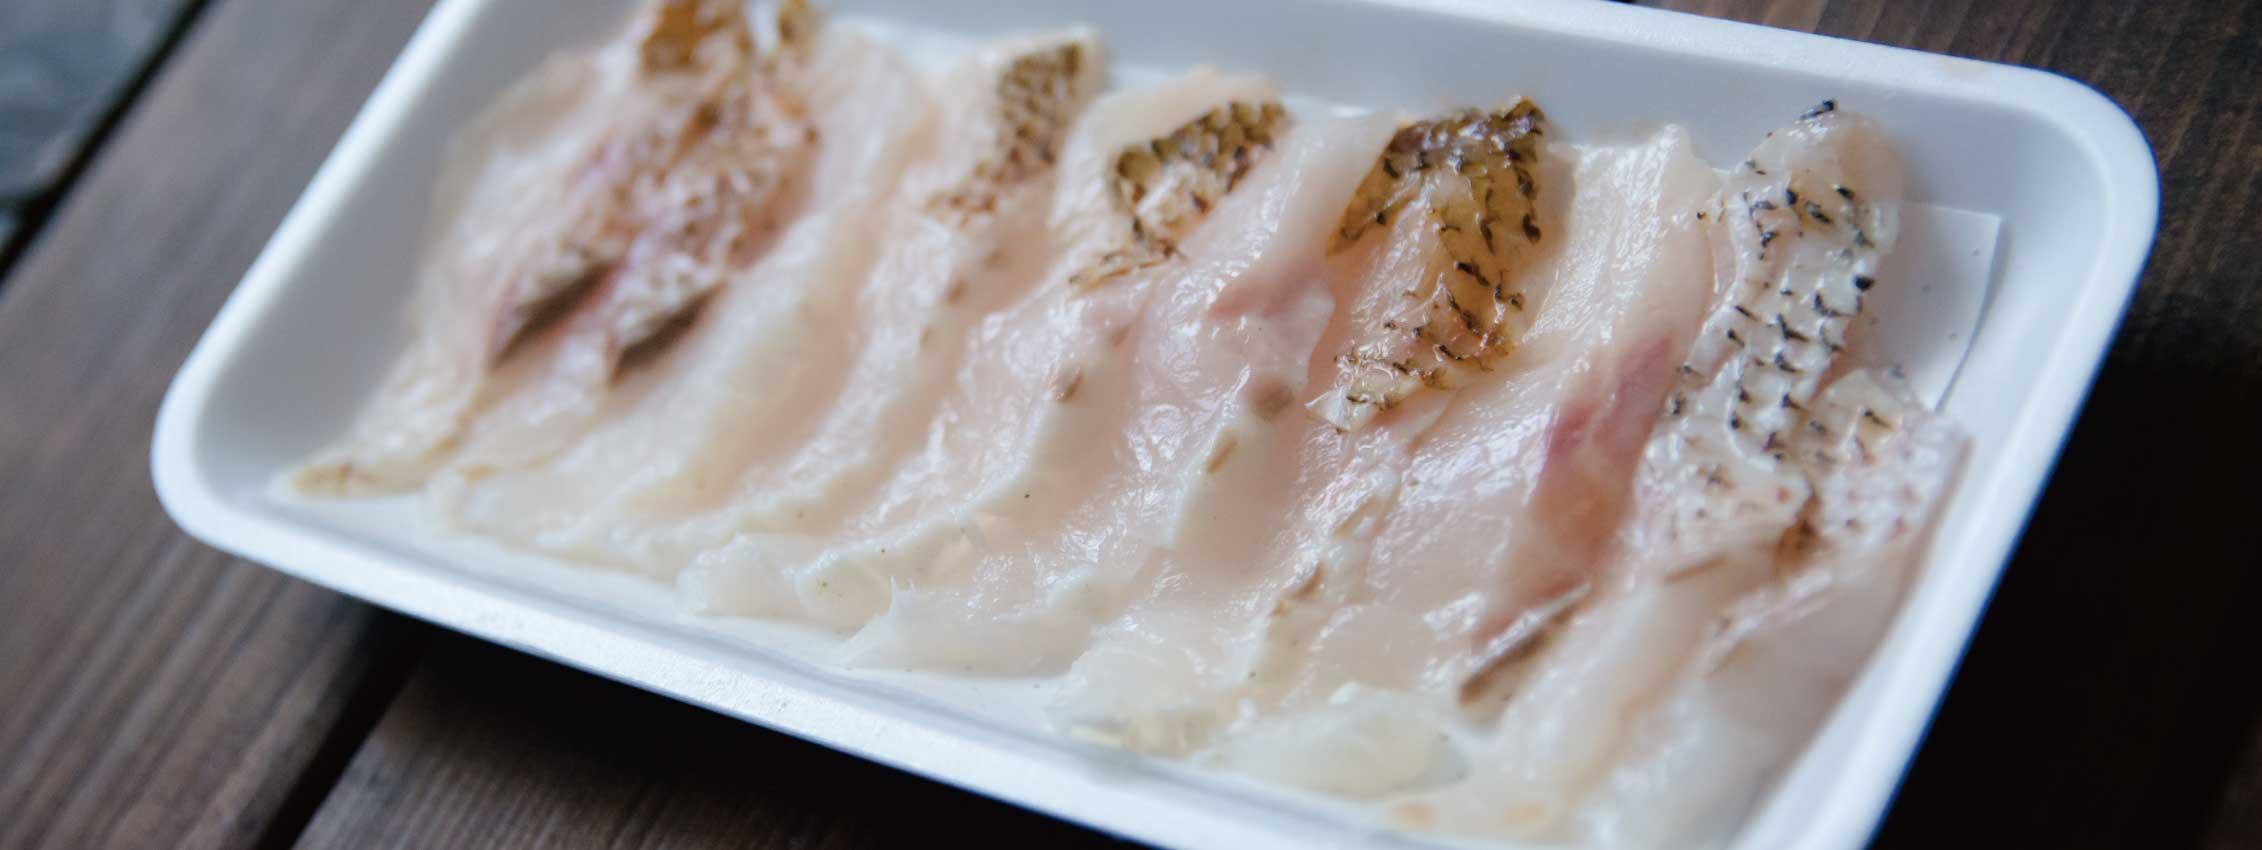 【魚屋が解説】深海魚を食べる!実はこの魚、とっても美味しいんです